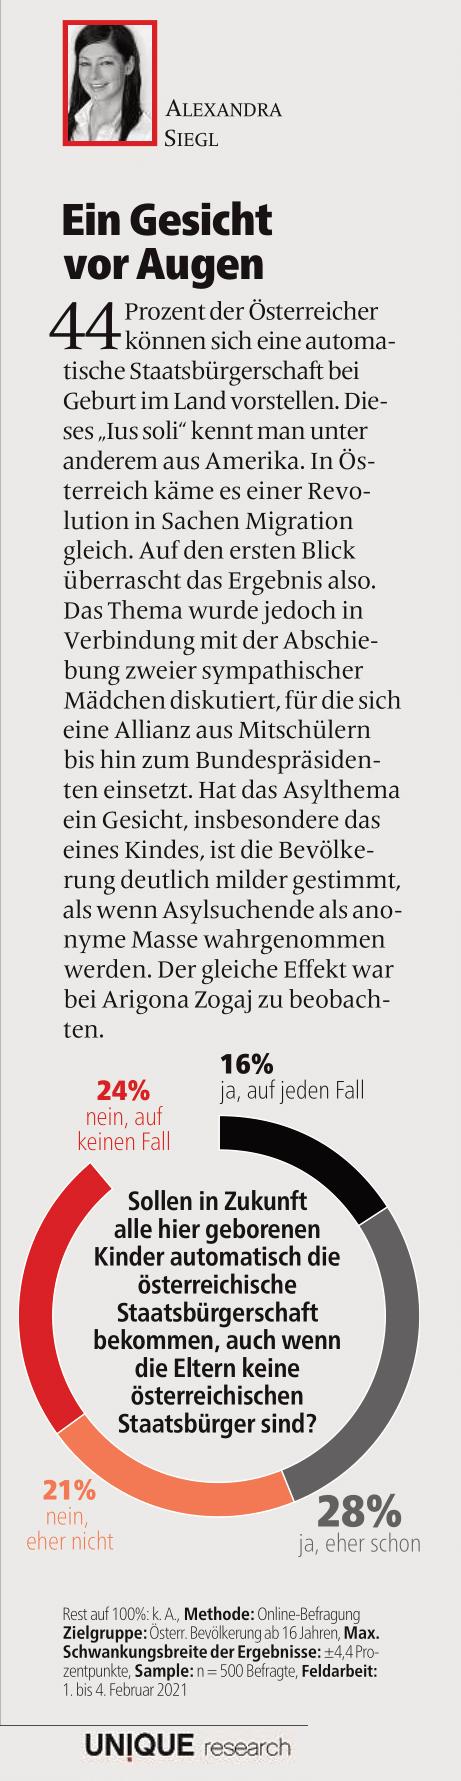 unique research peter hajek josef kalina umfrage staatsbuergerschaft fuer in oesterreich geborene